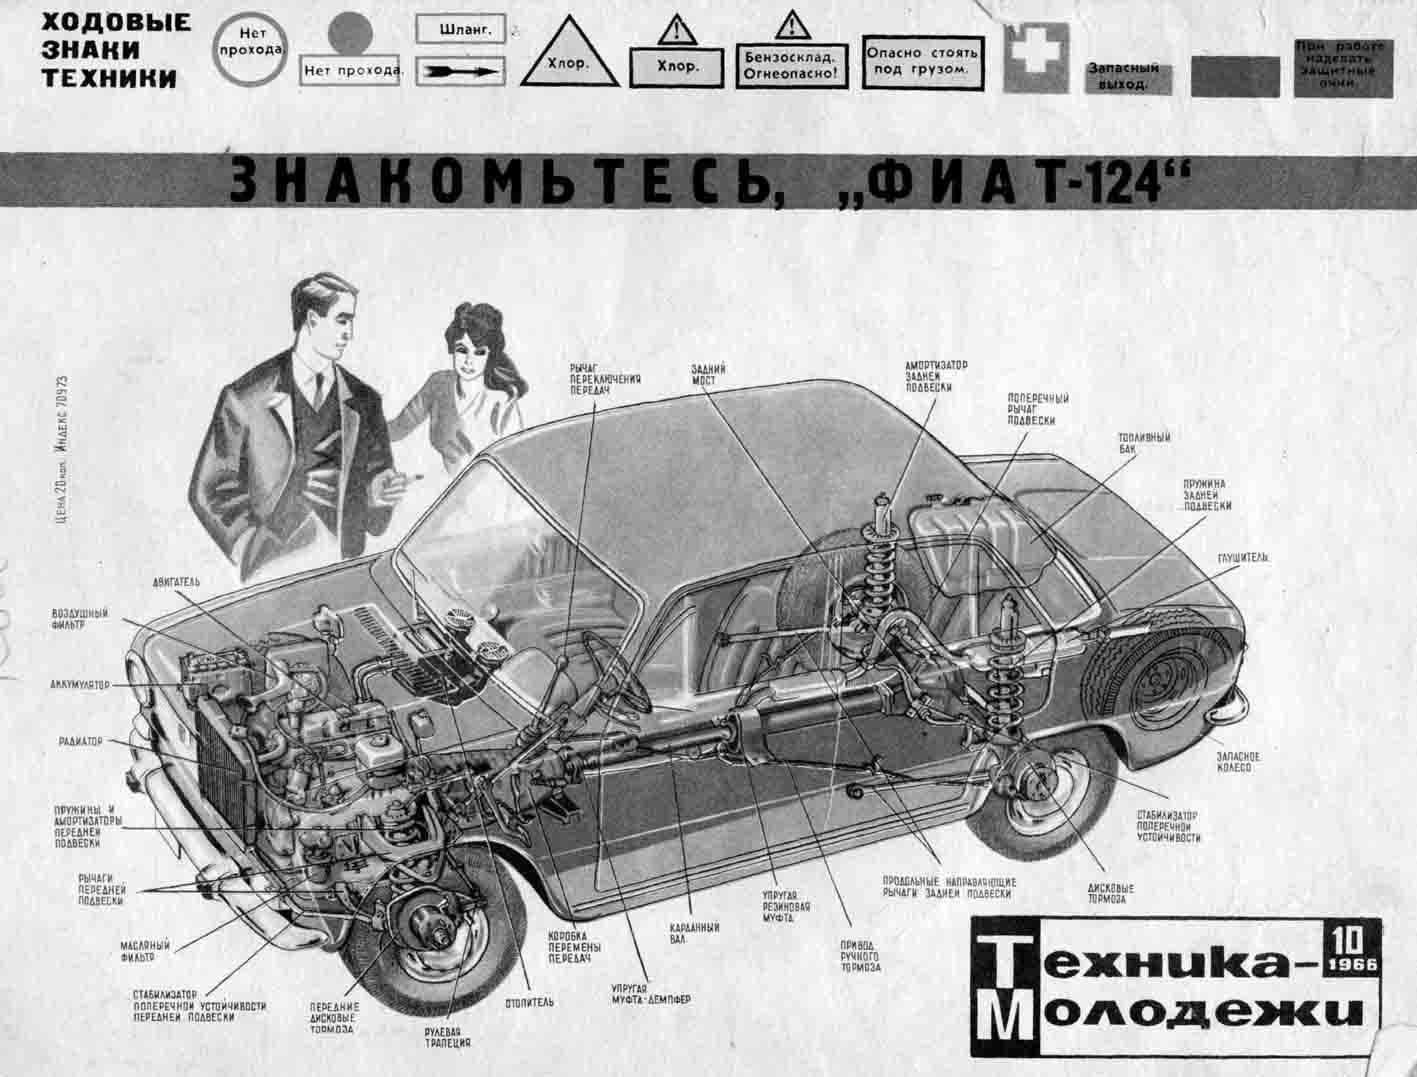 устроиство двигателя фиат 124